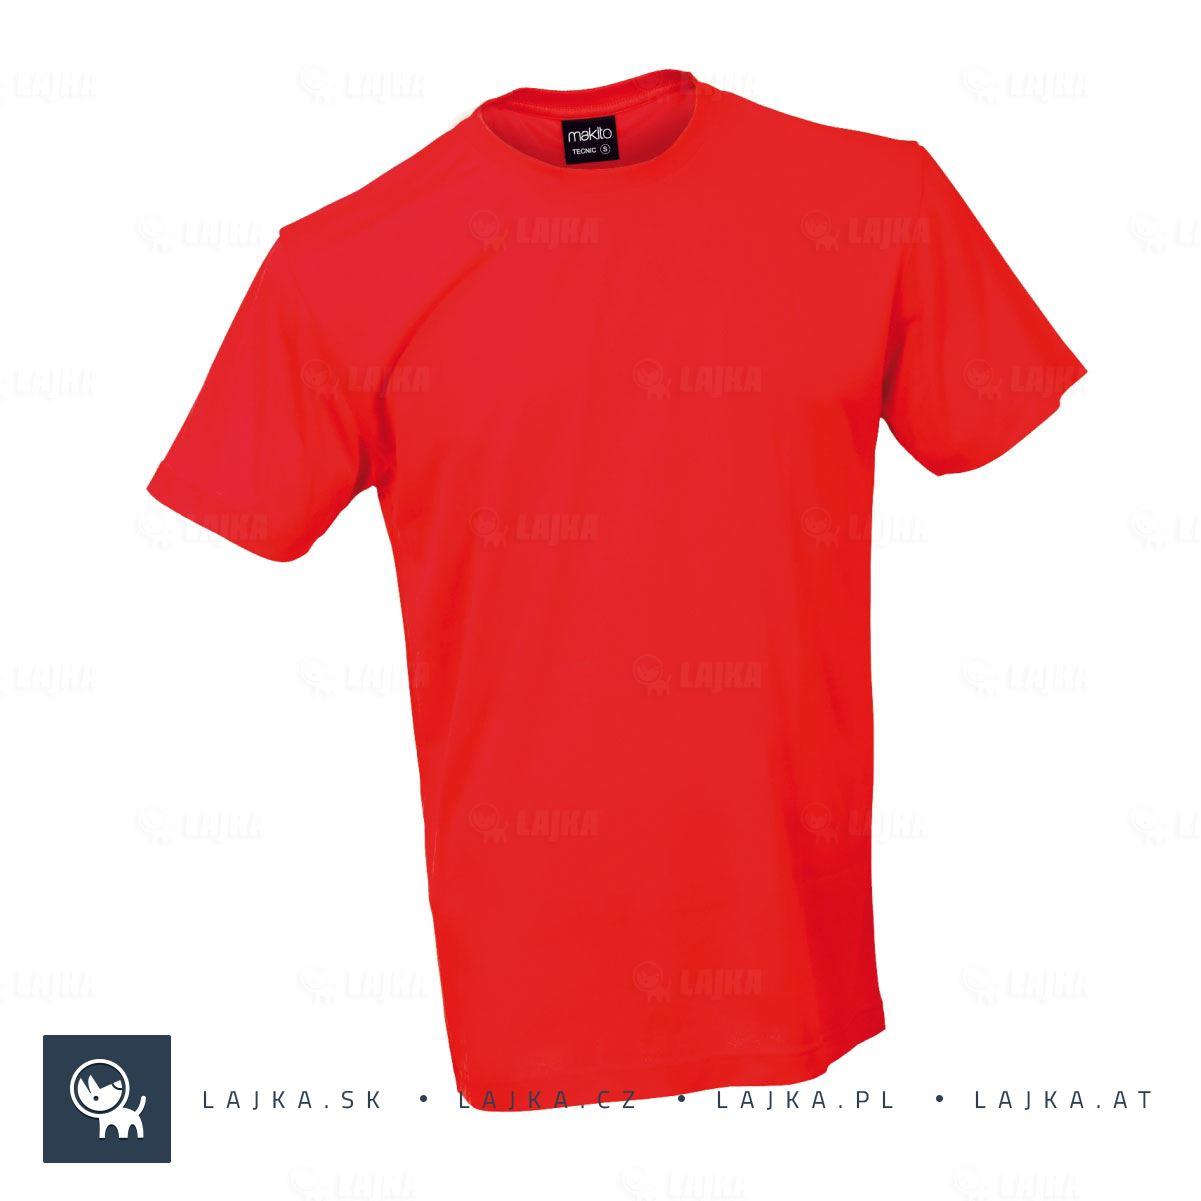 ecc54119c4e3 Vzdušné tričko Tecnic T